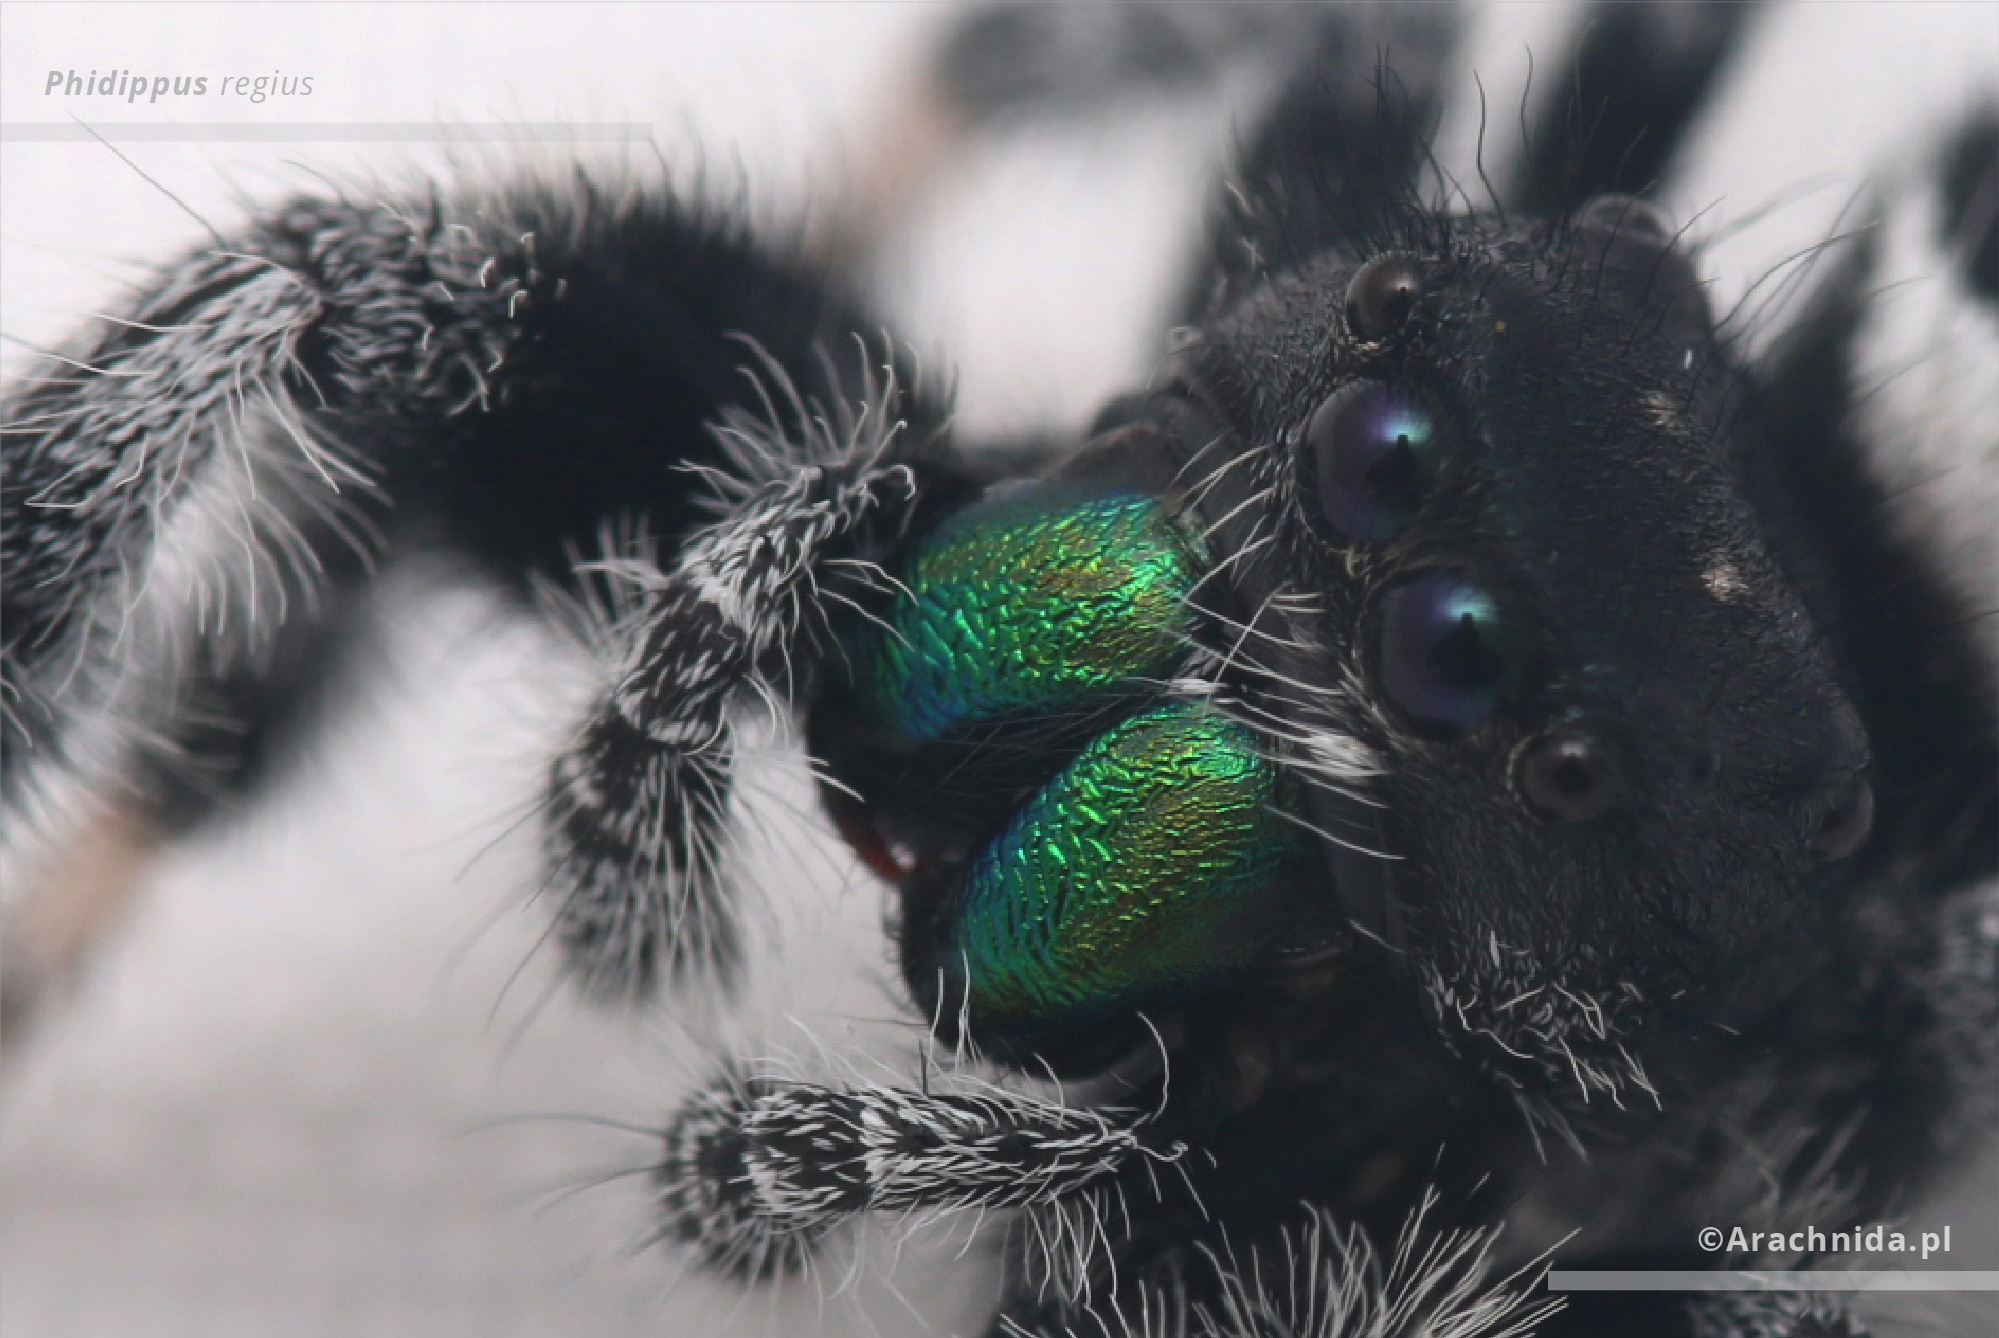 Phidippus regius adult male